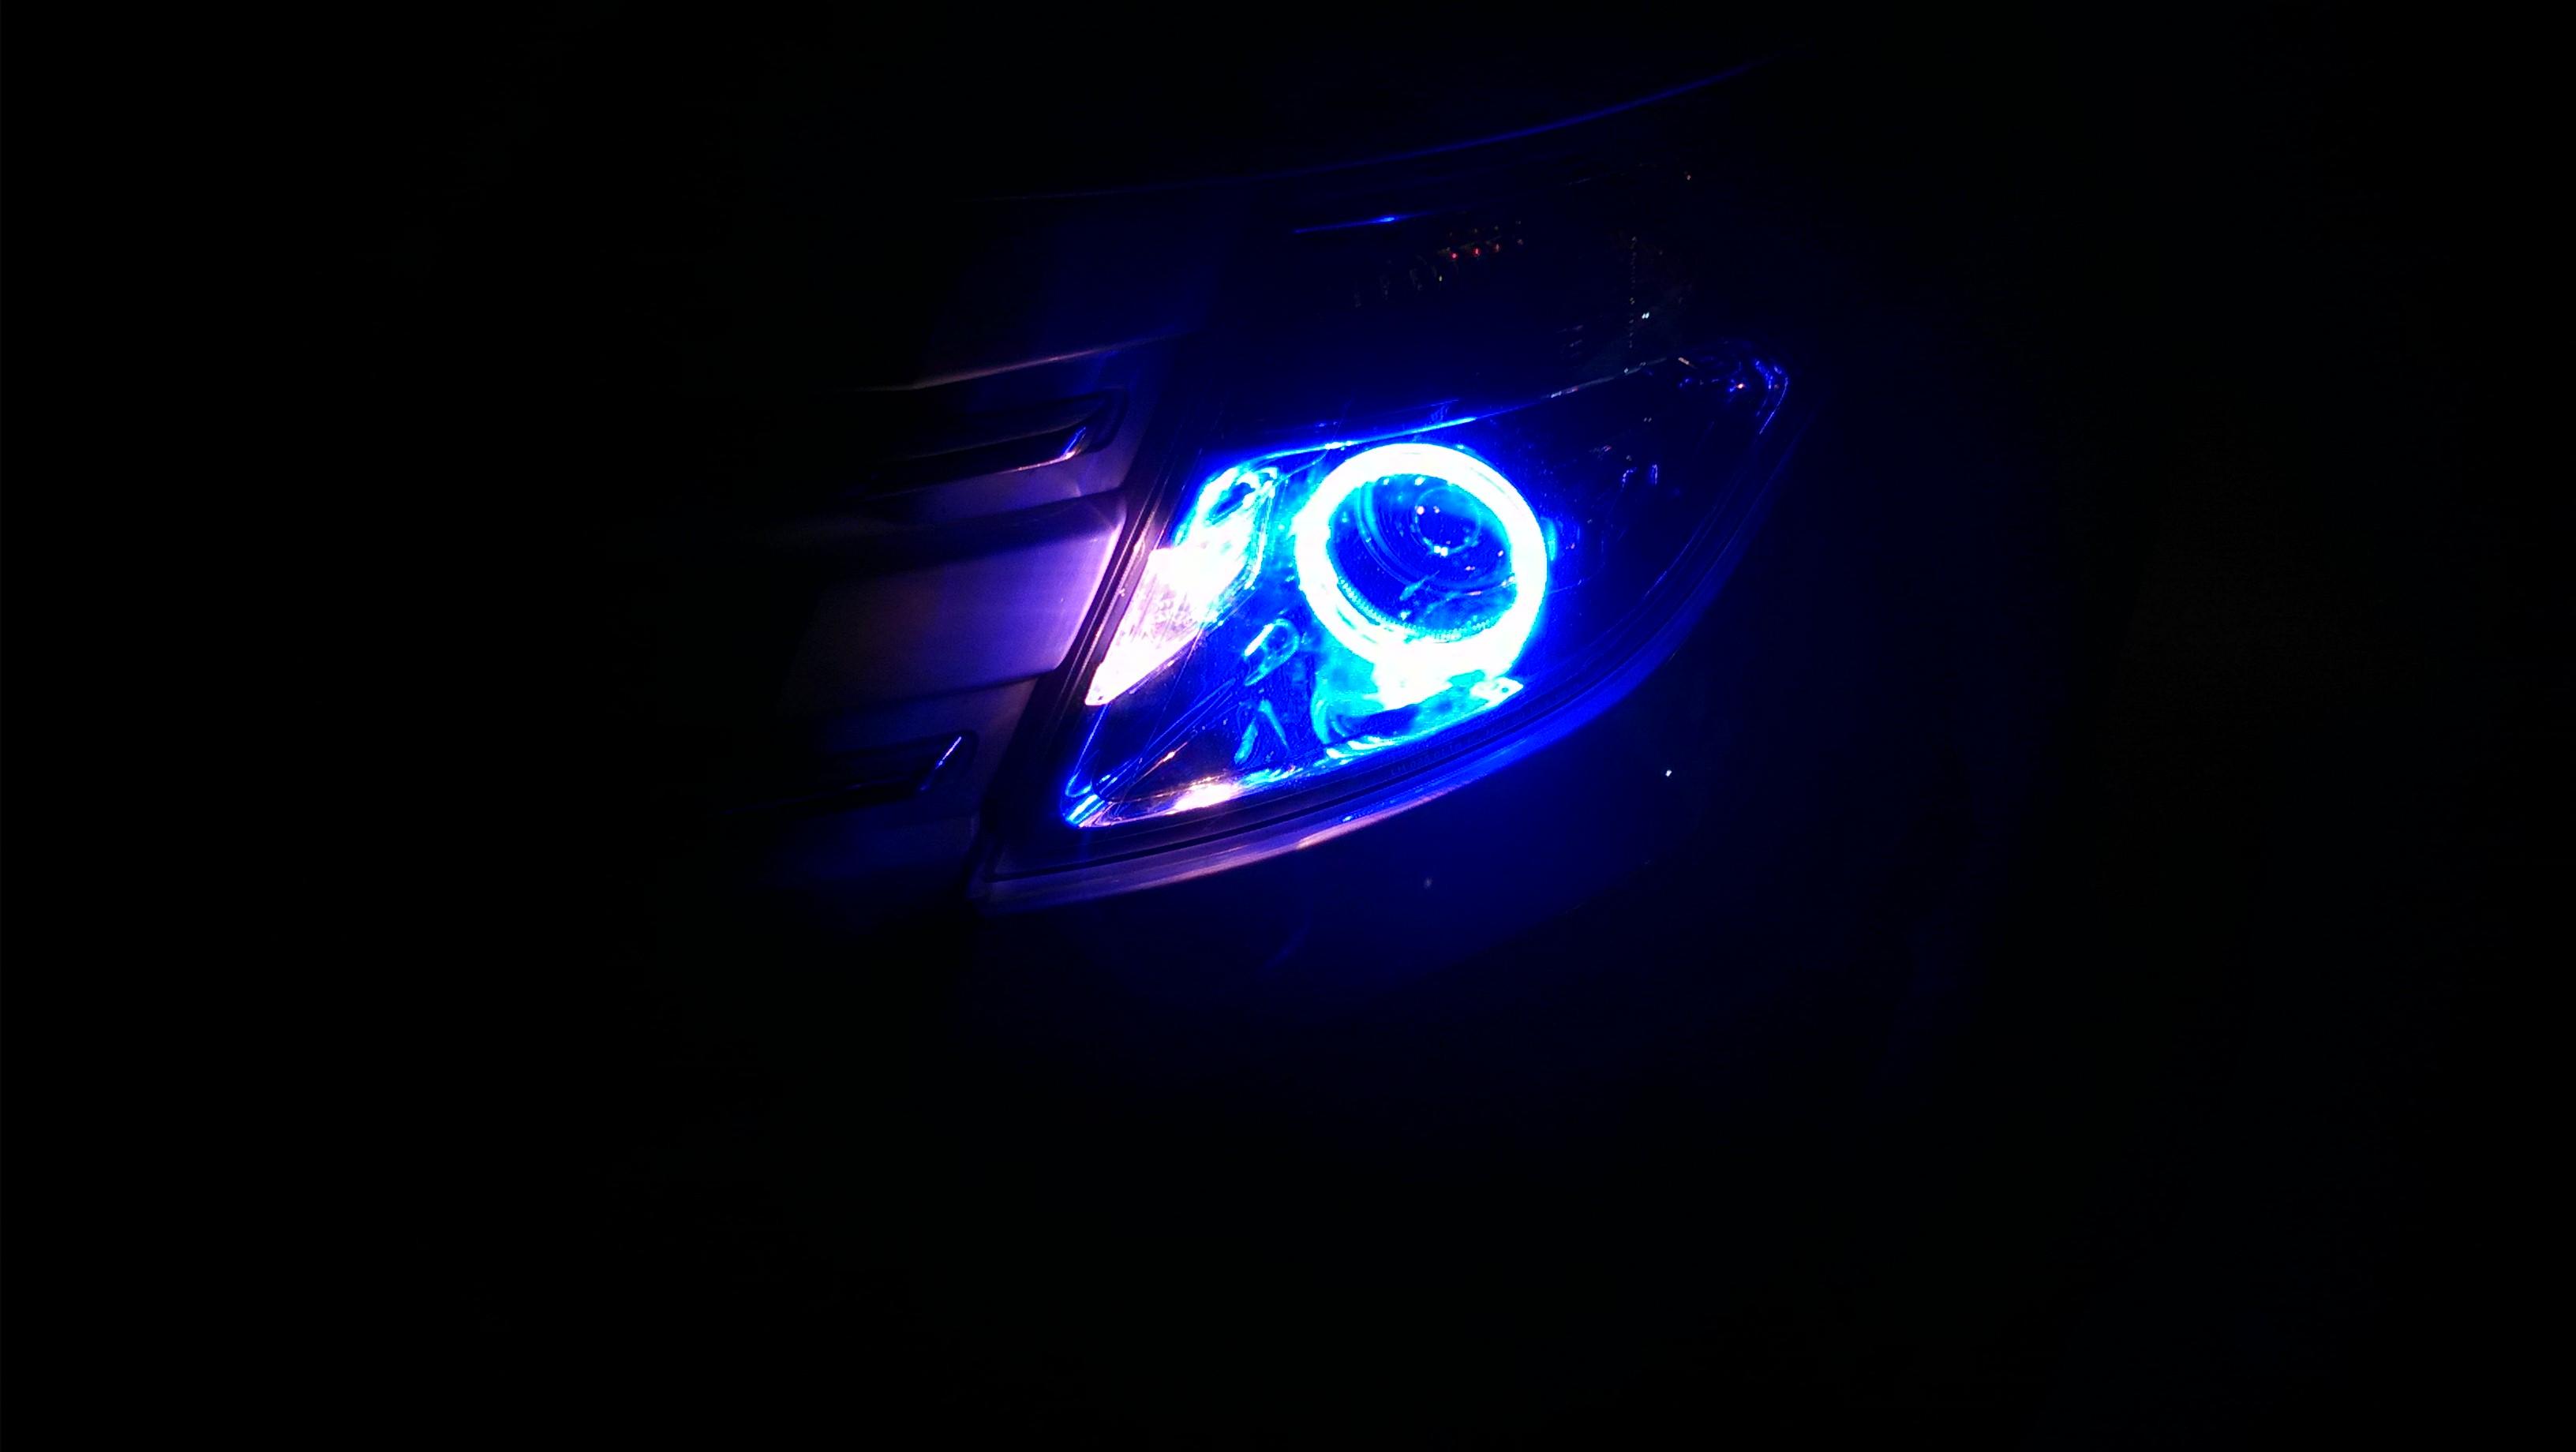 专业的奥迪原厂增配升级,口碑好的汽车大灯改装透镜批发供应